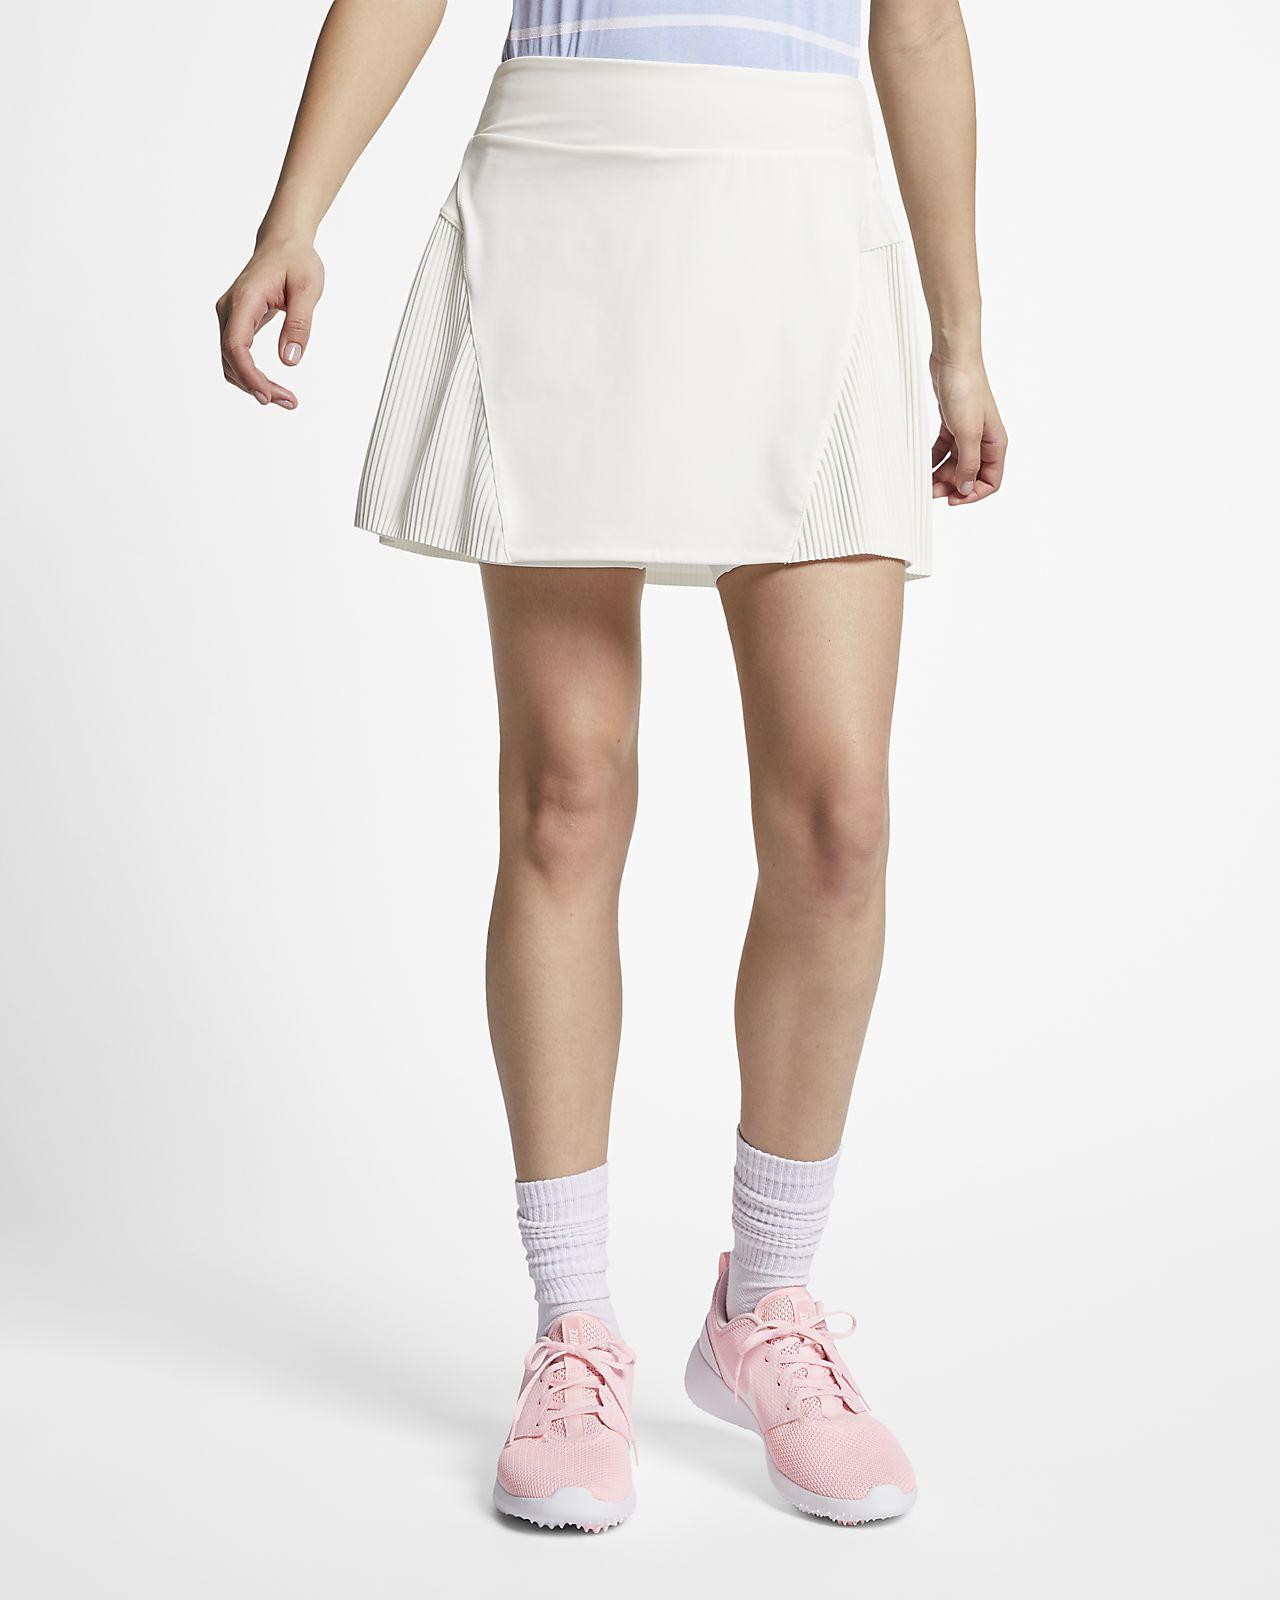 Womens Nike Dri Fit Skirt Skort Size Xs Activewear